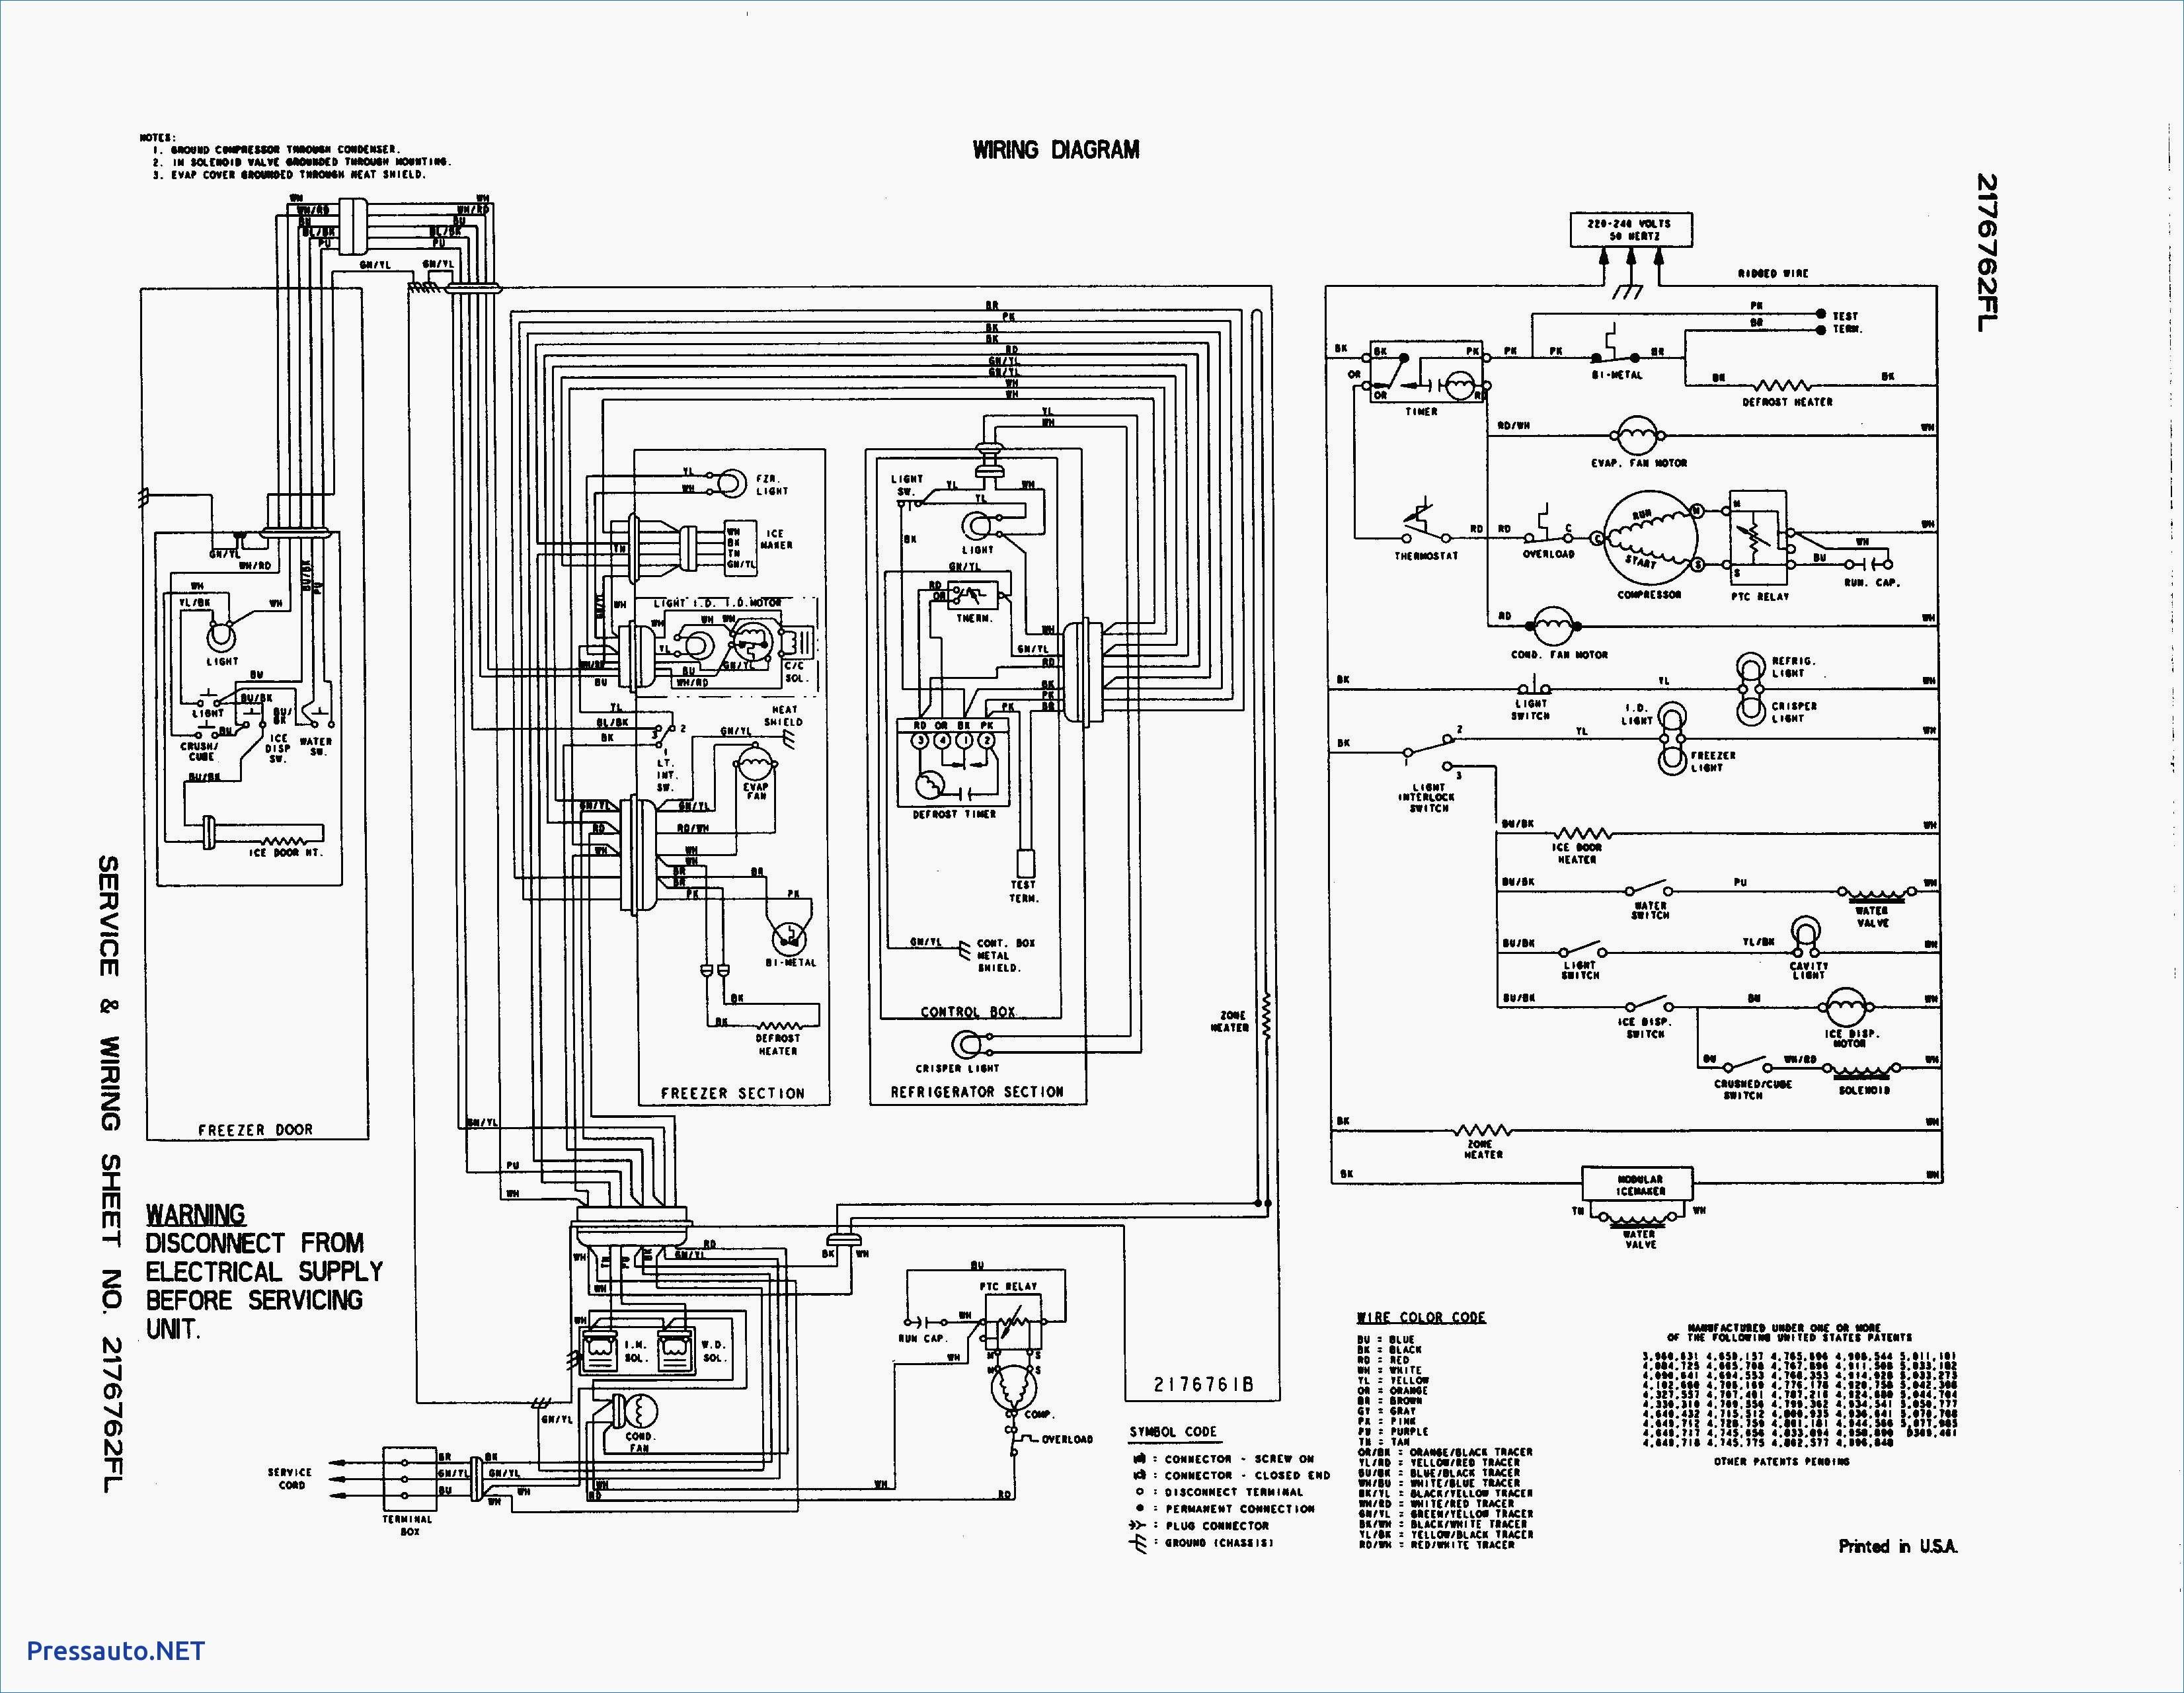 Wiring Diagram Whirlpool Dryer Book Whirlpool Dryer Wiring Diagram Awesome Maytag Dryer Wiring Diagram